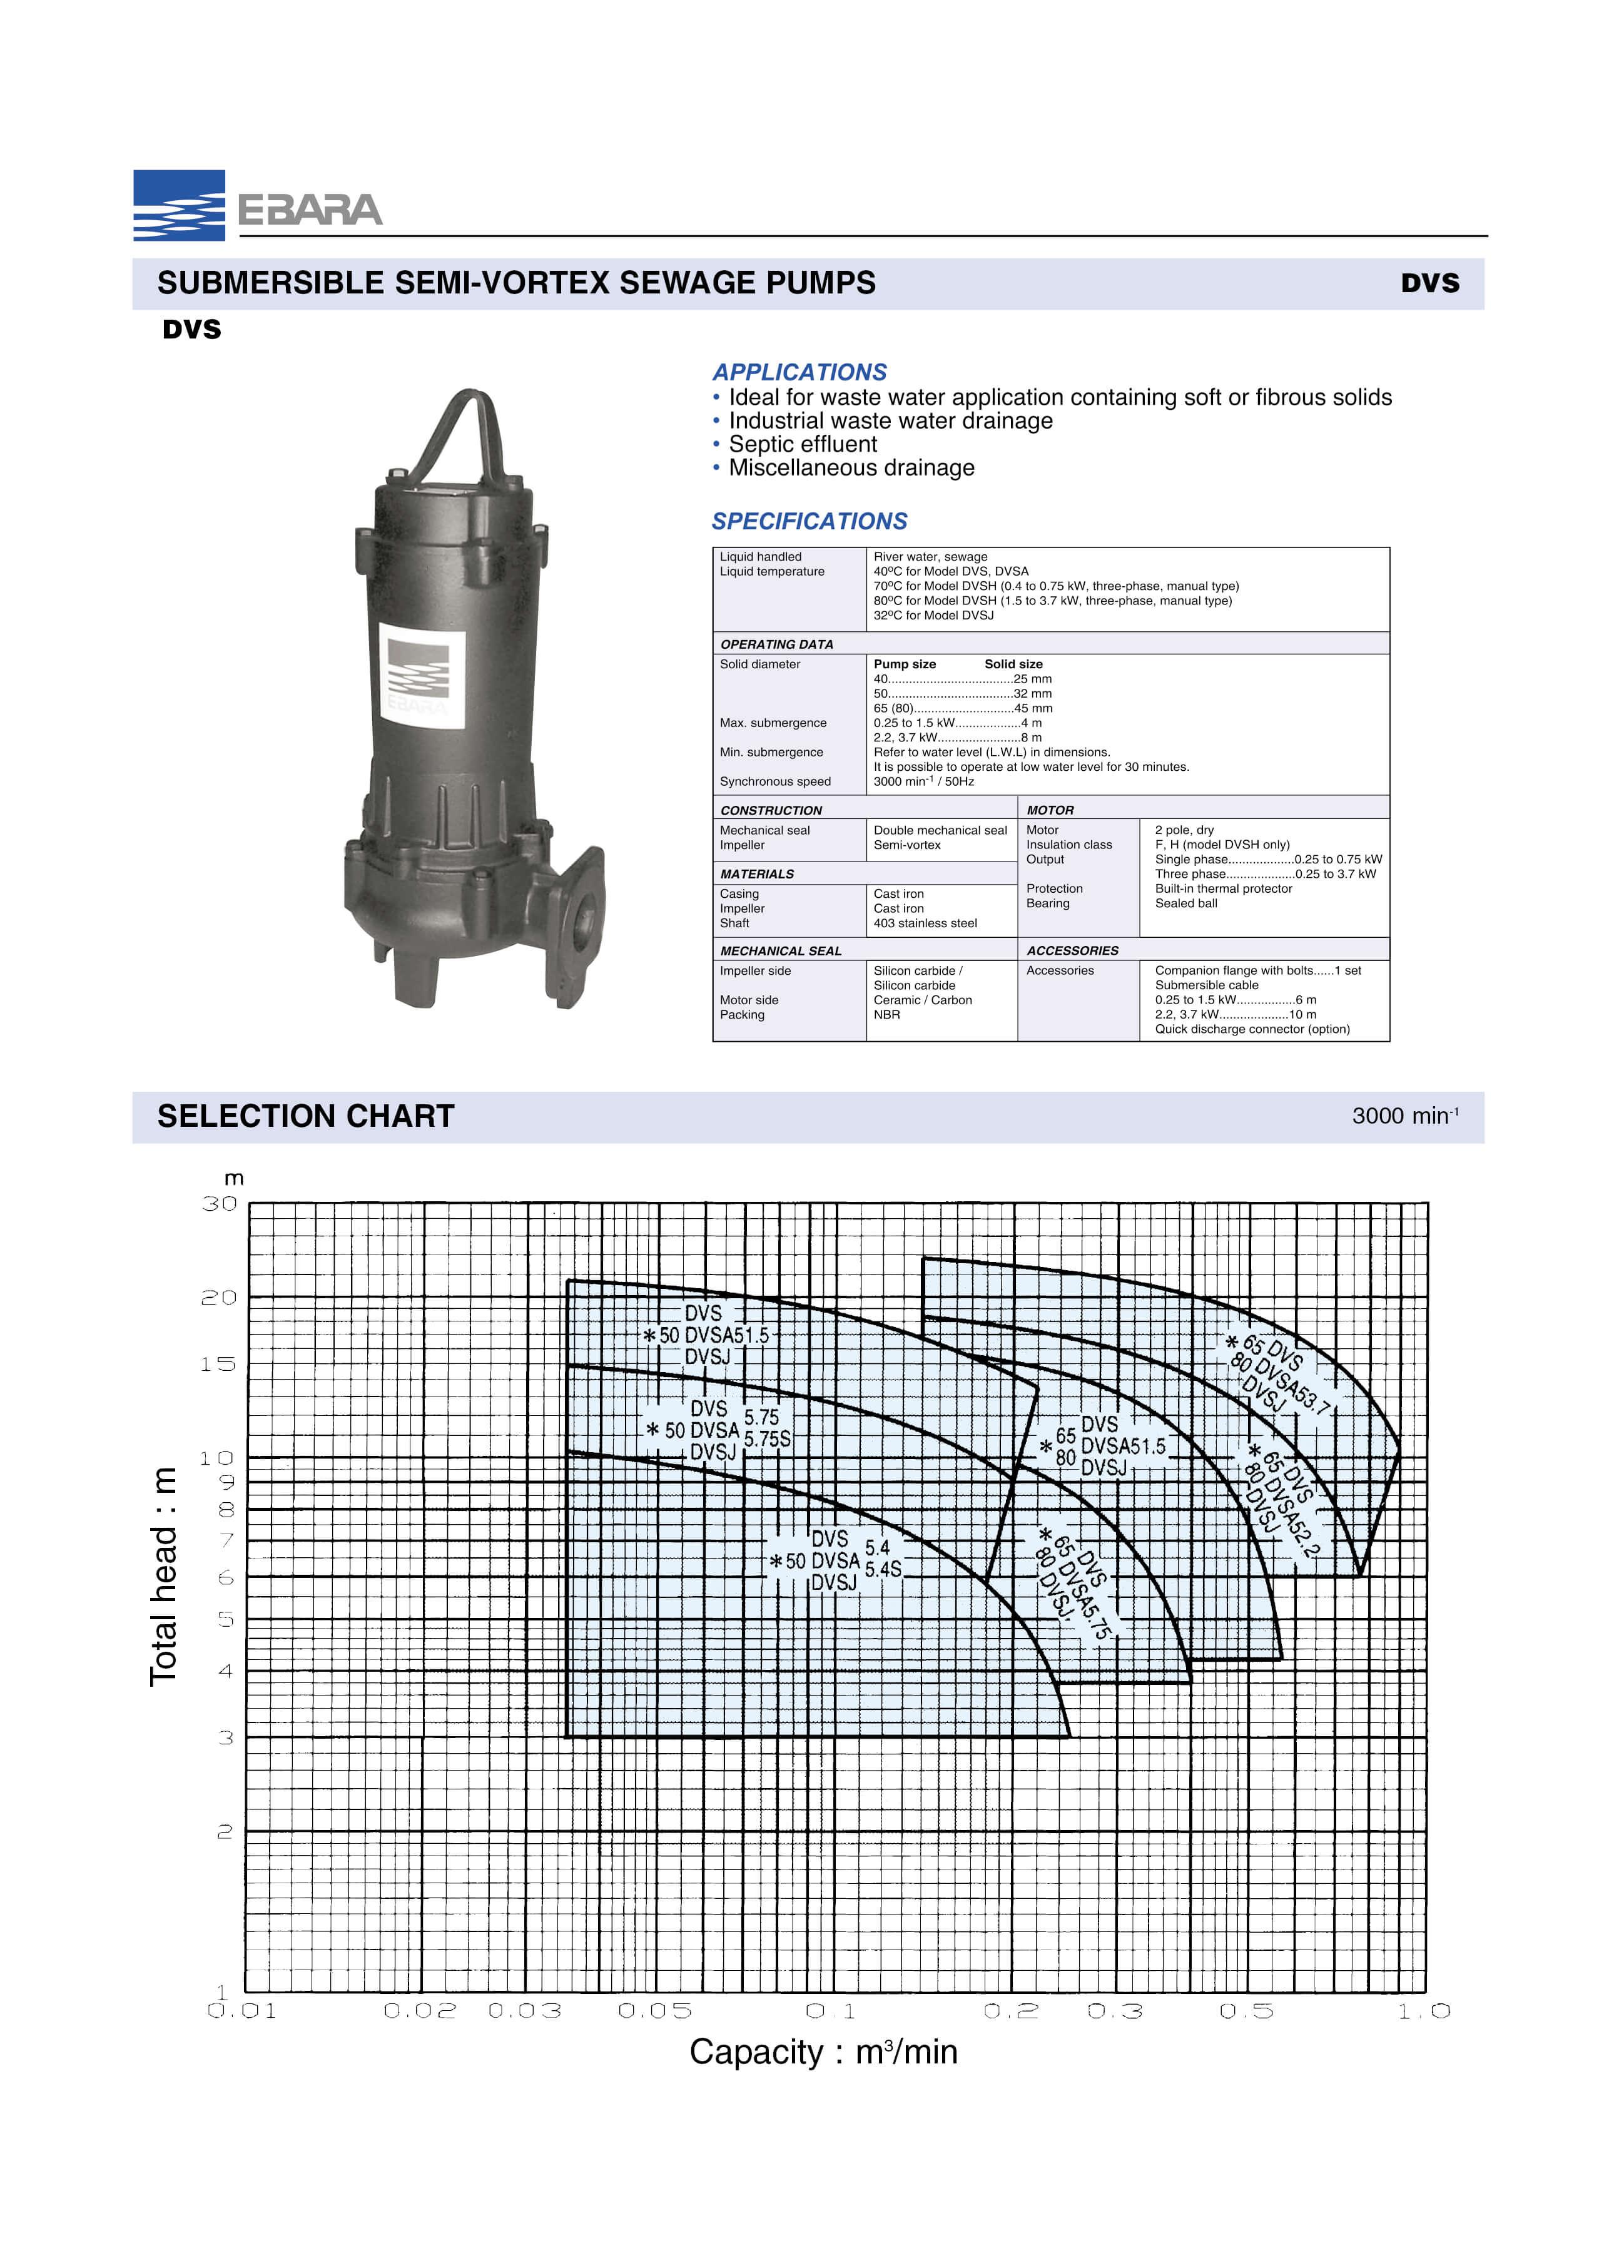 Catalogue máy bơm nước thải Ebara DVS